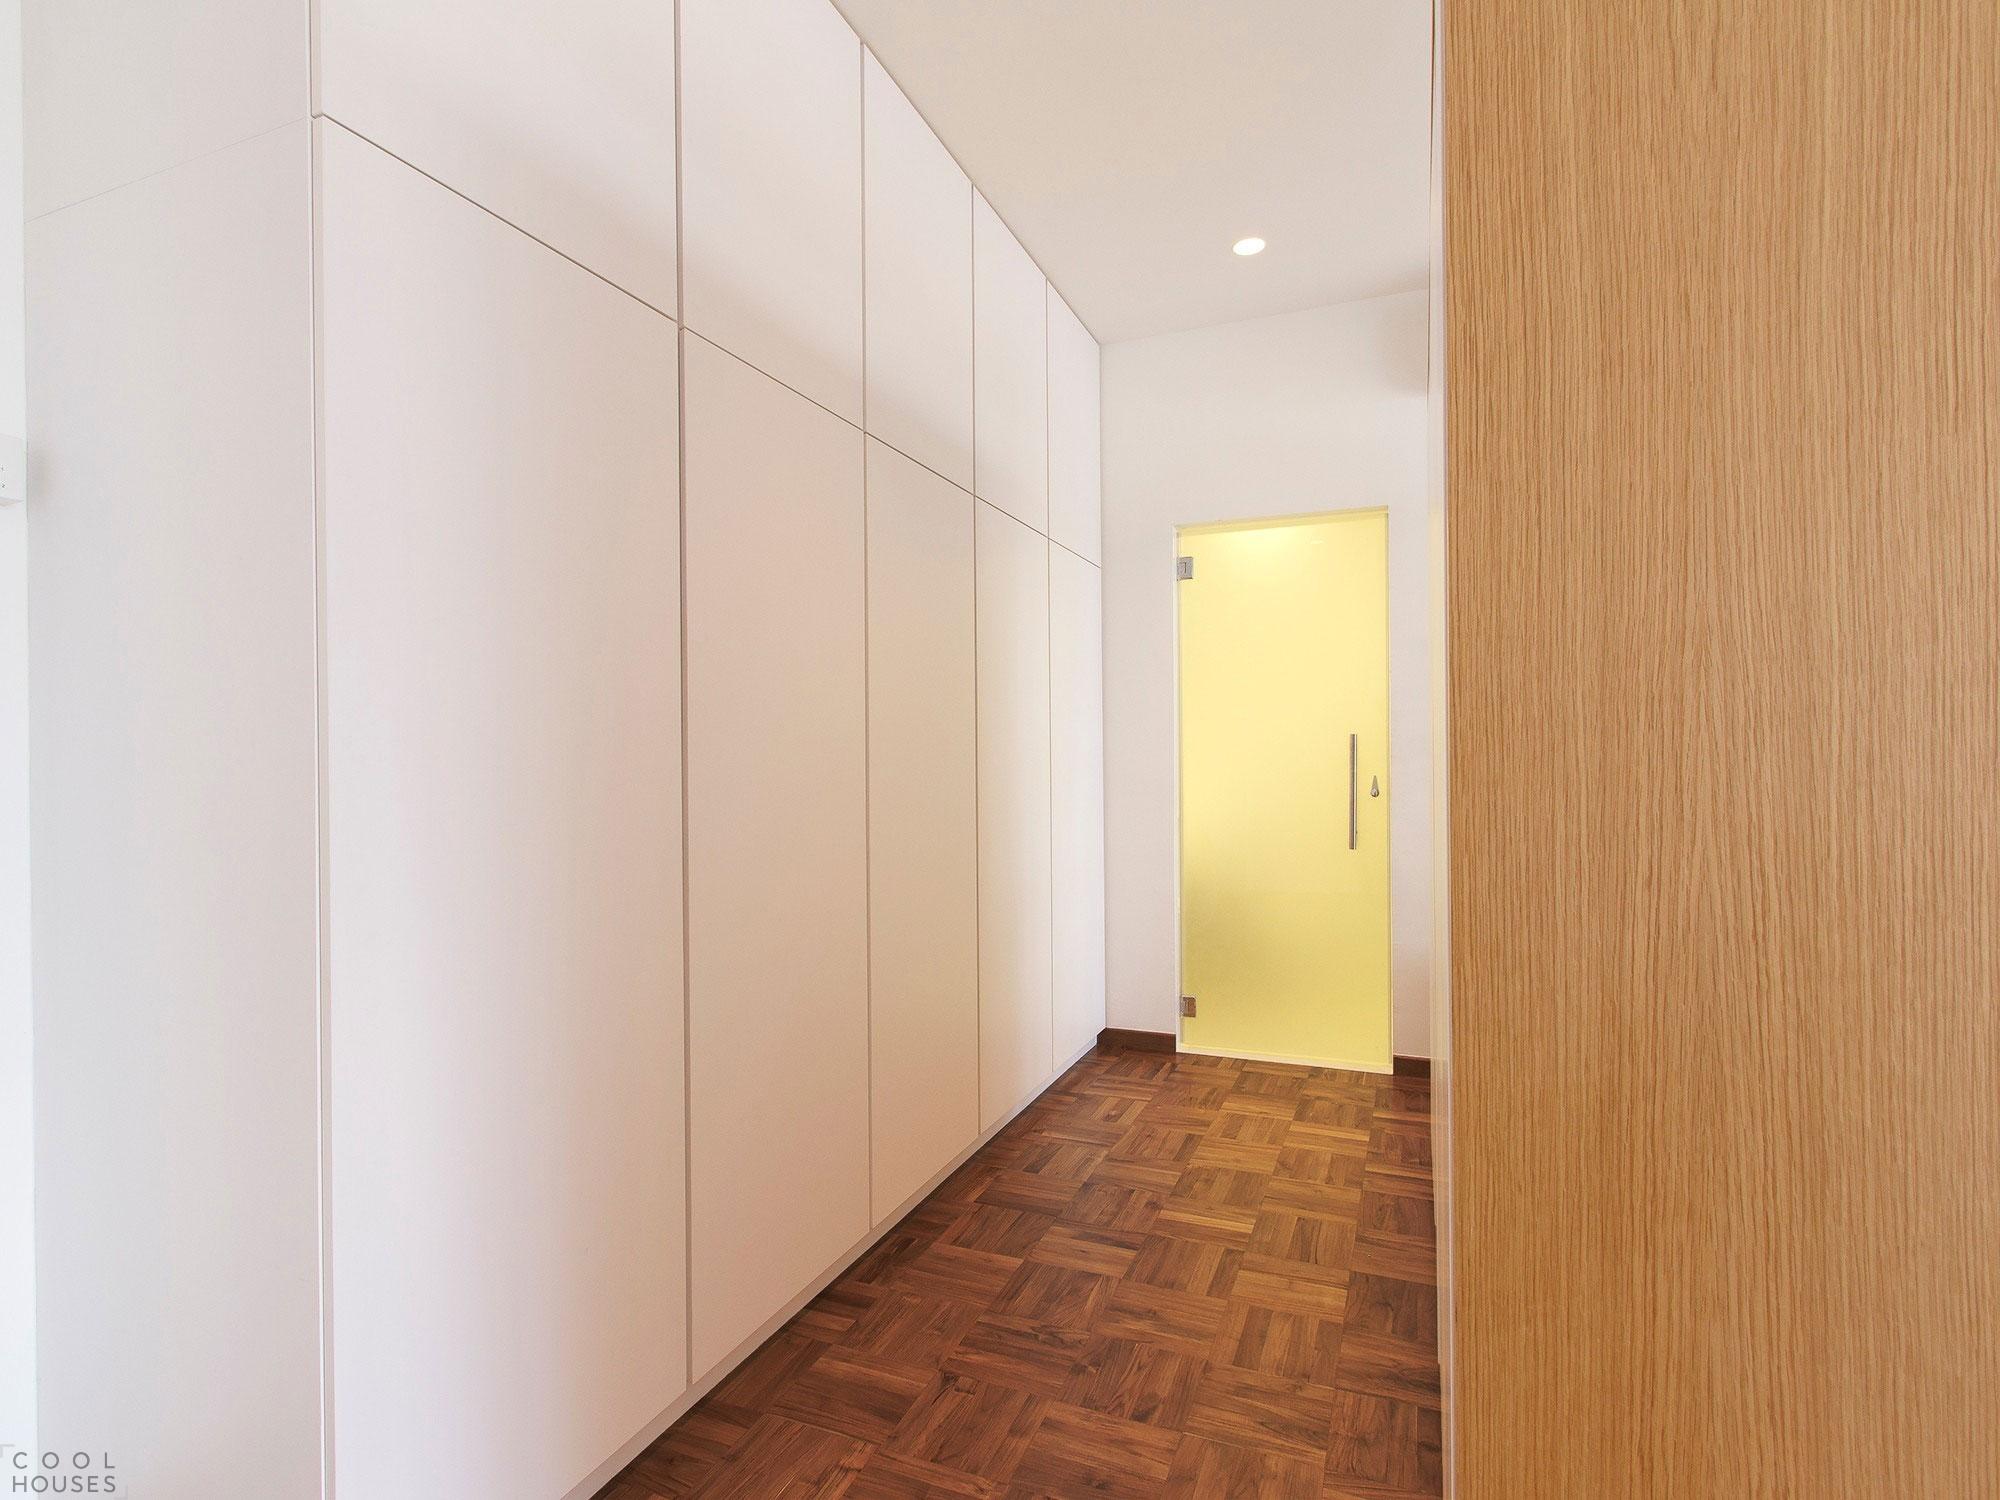 Квартира со светлым дизайном интерьера в Сингапуре